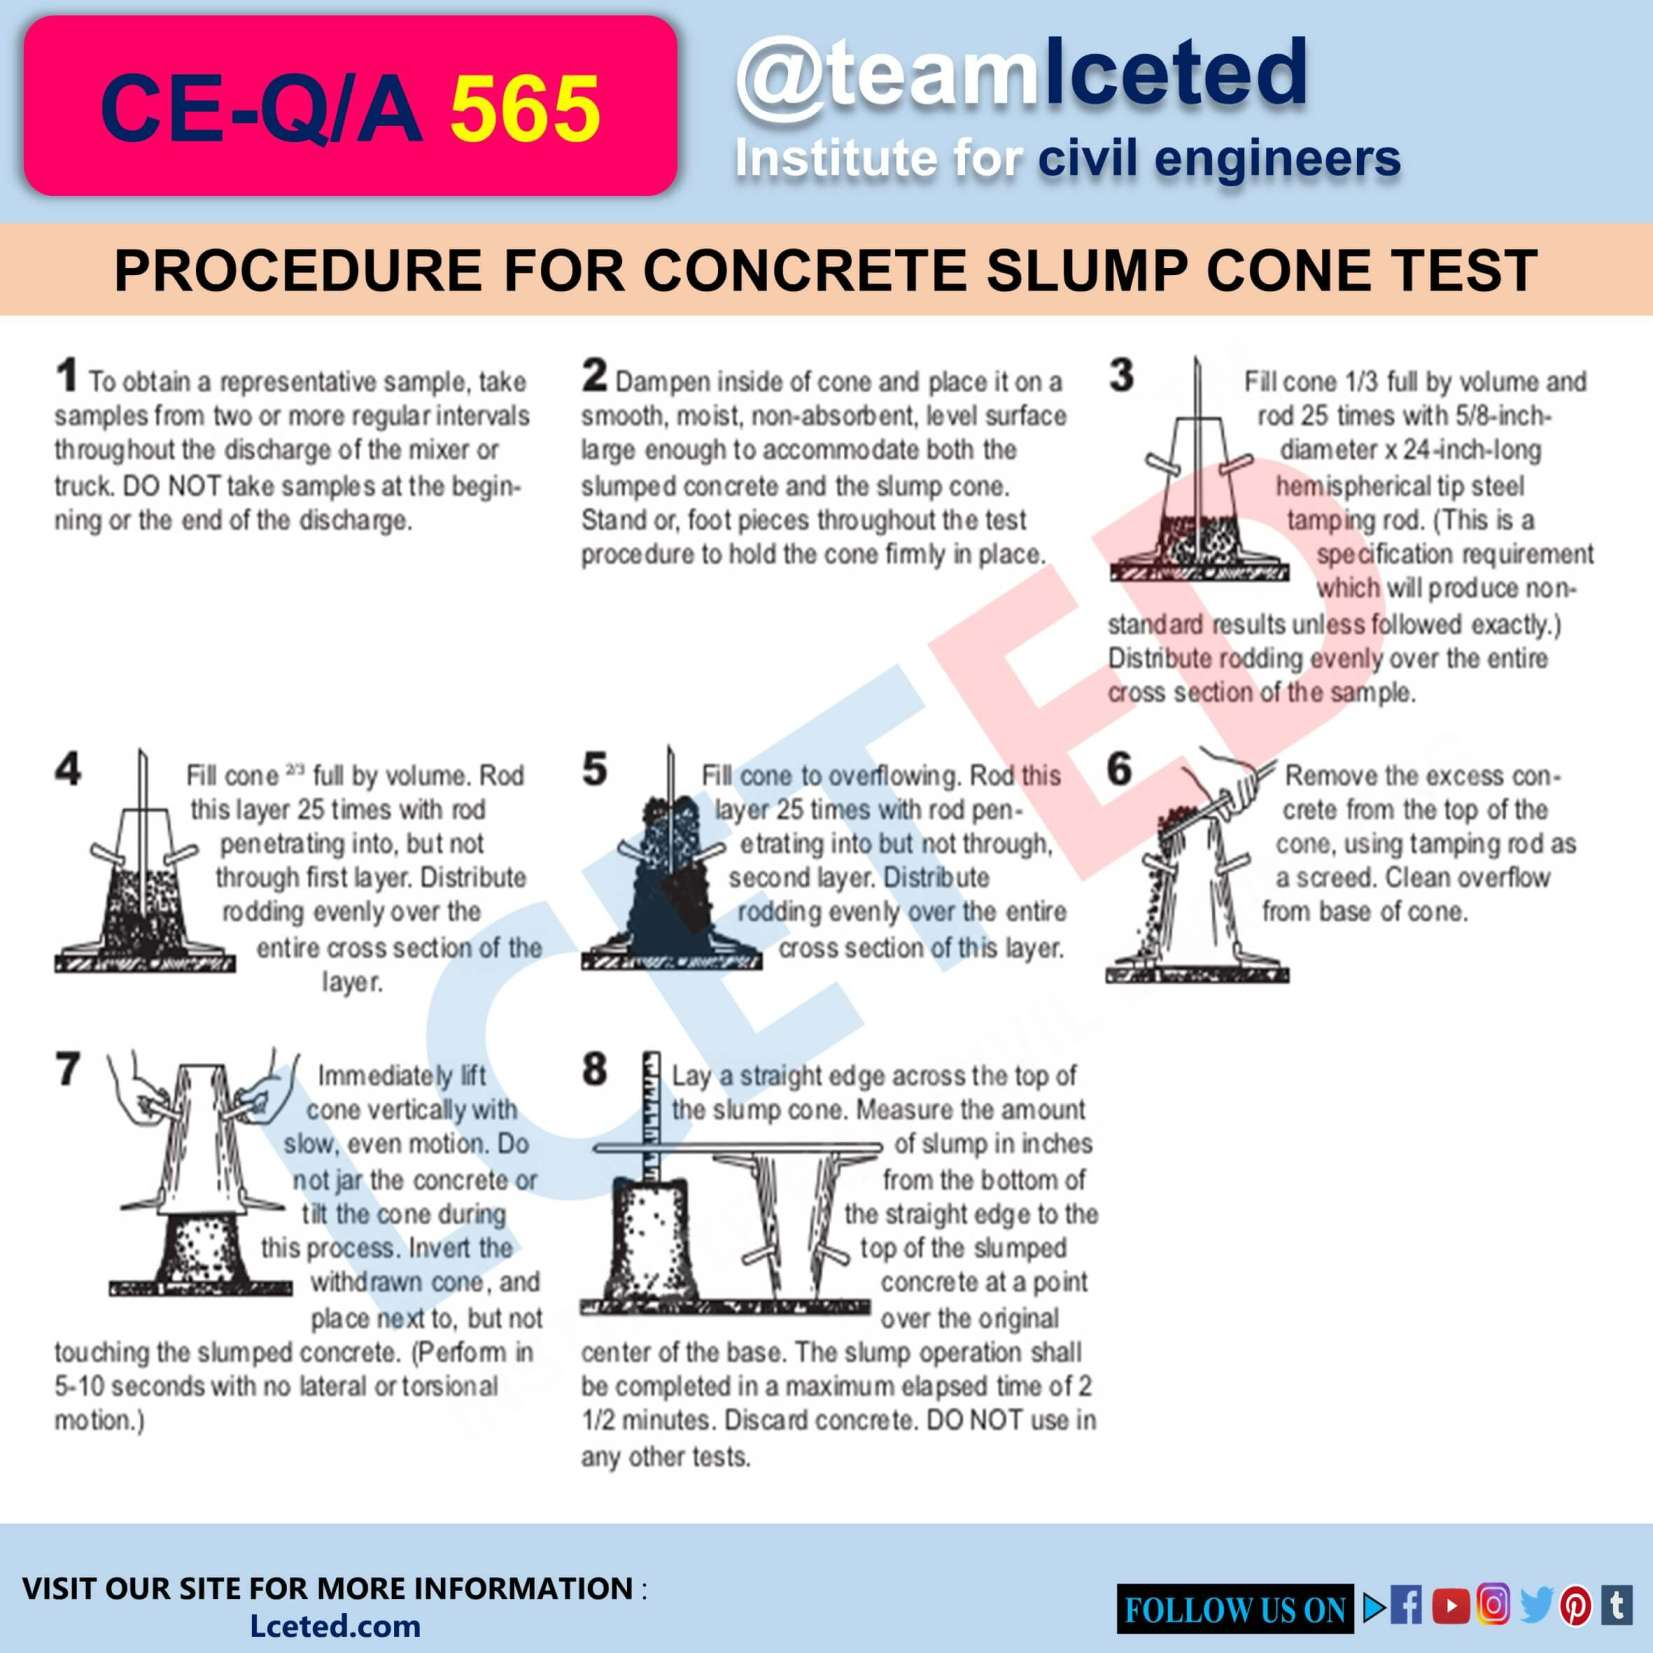 Procedure for Concrete Slump Cone Test